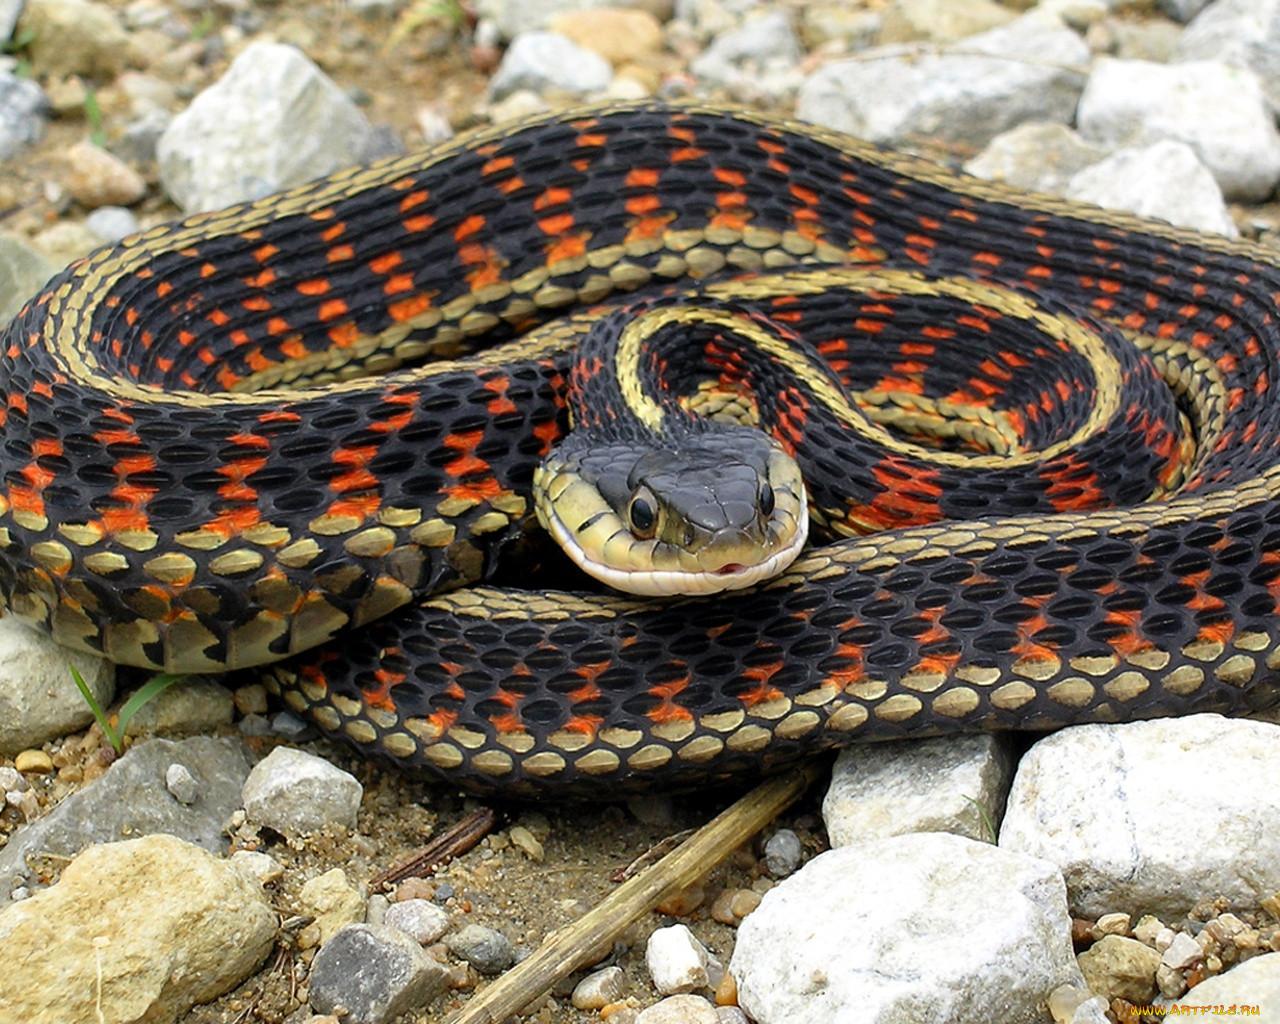 красивые, смотреть картинки змей суп, который можно